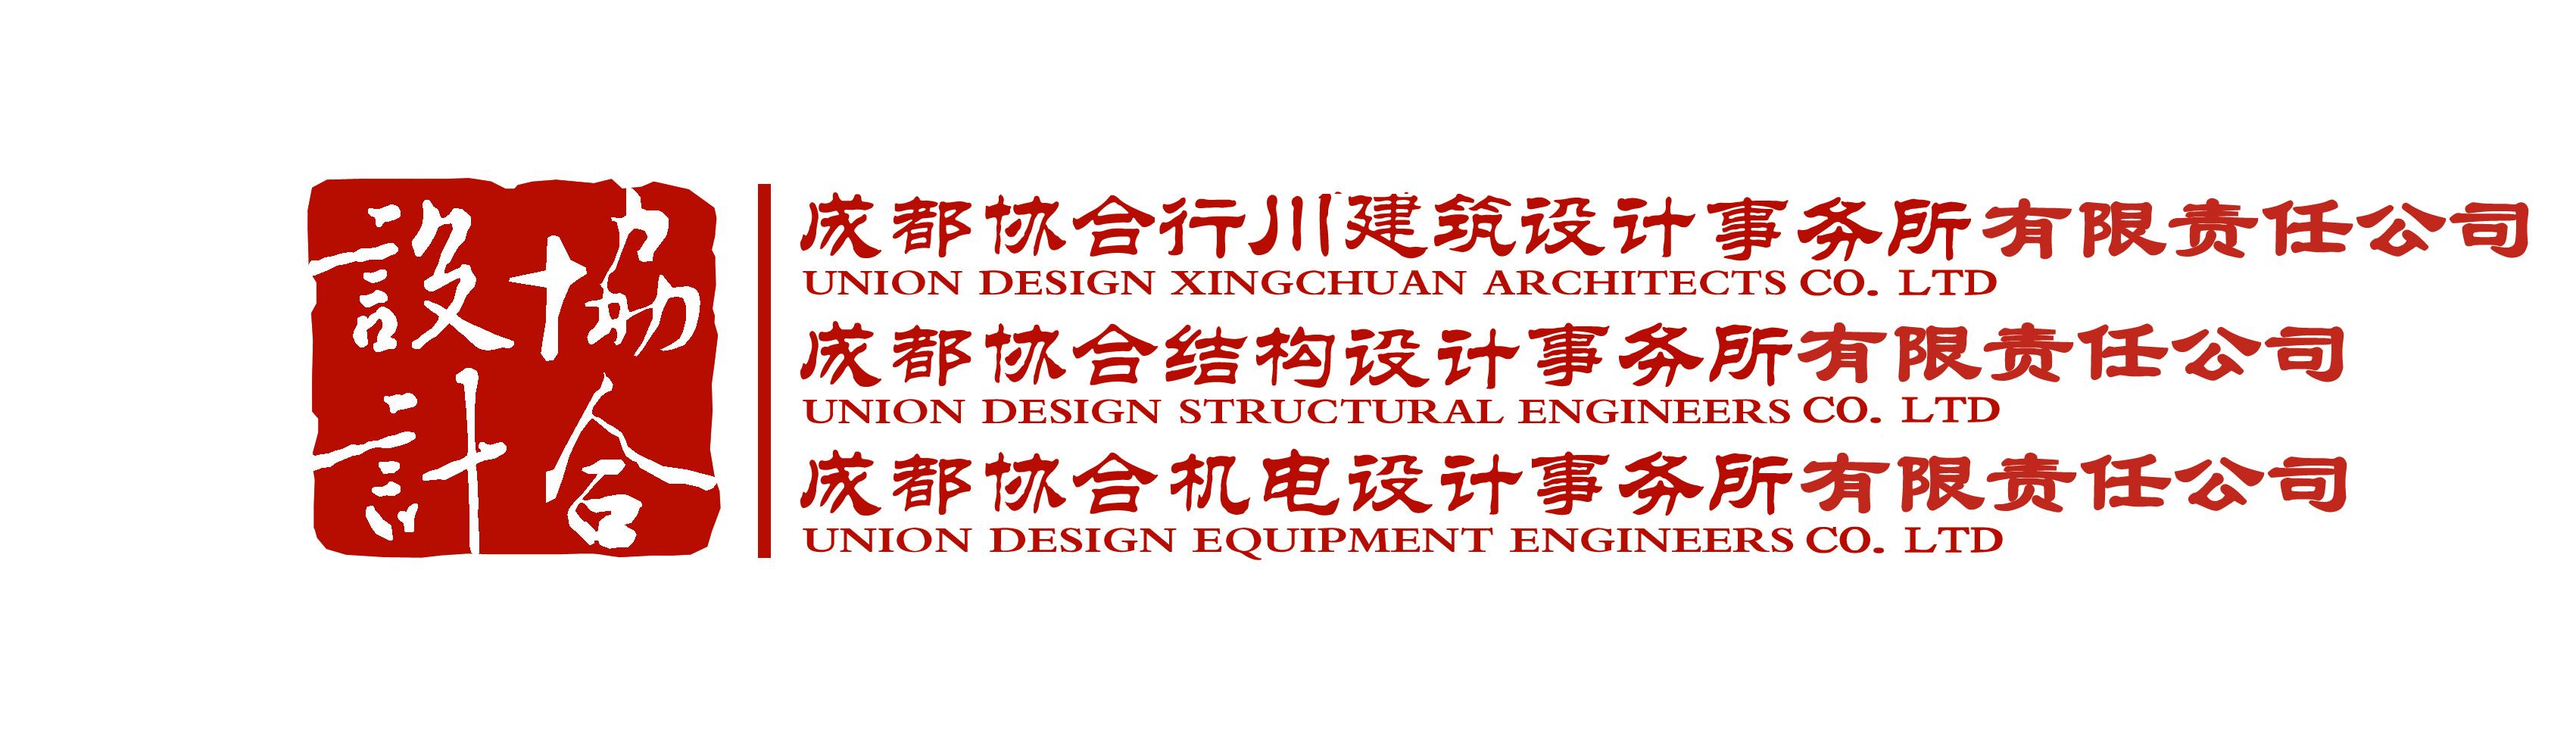 成都协合行川建筑设计事务所有限责任公司